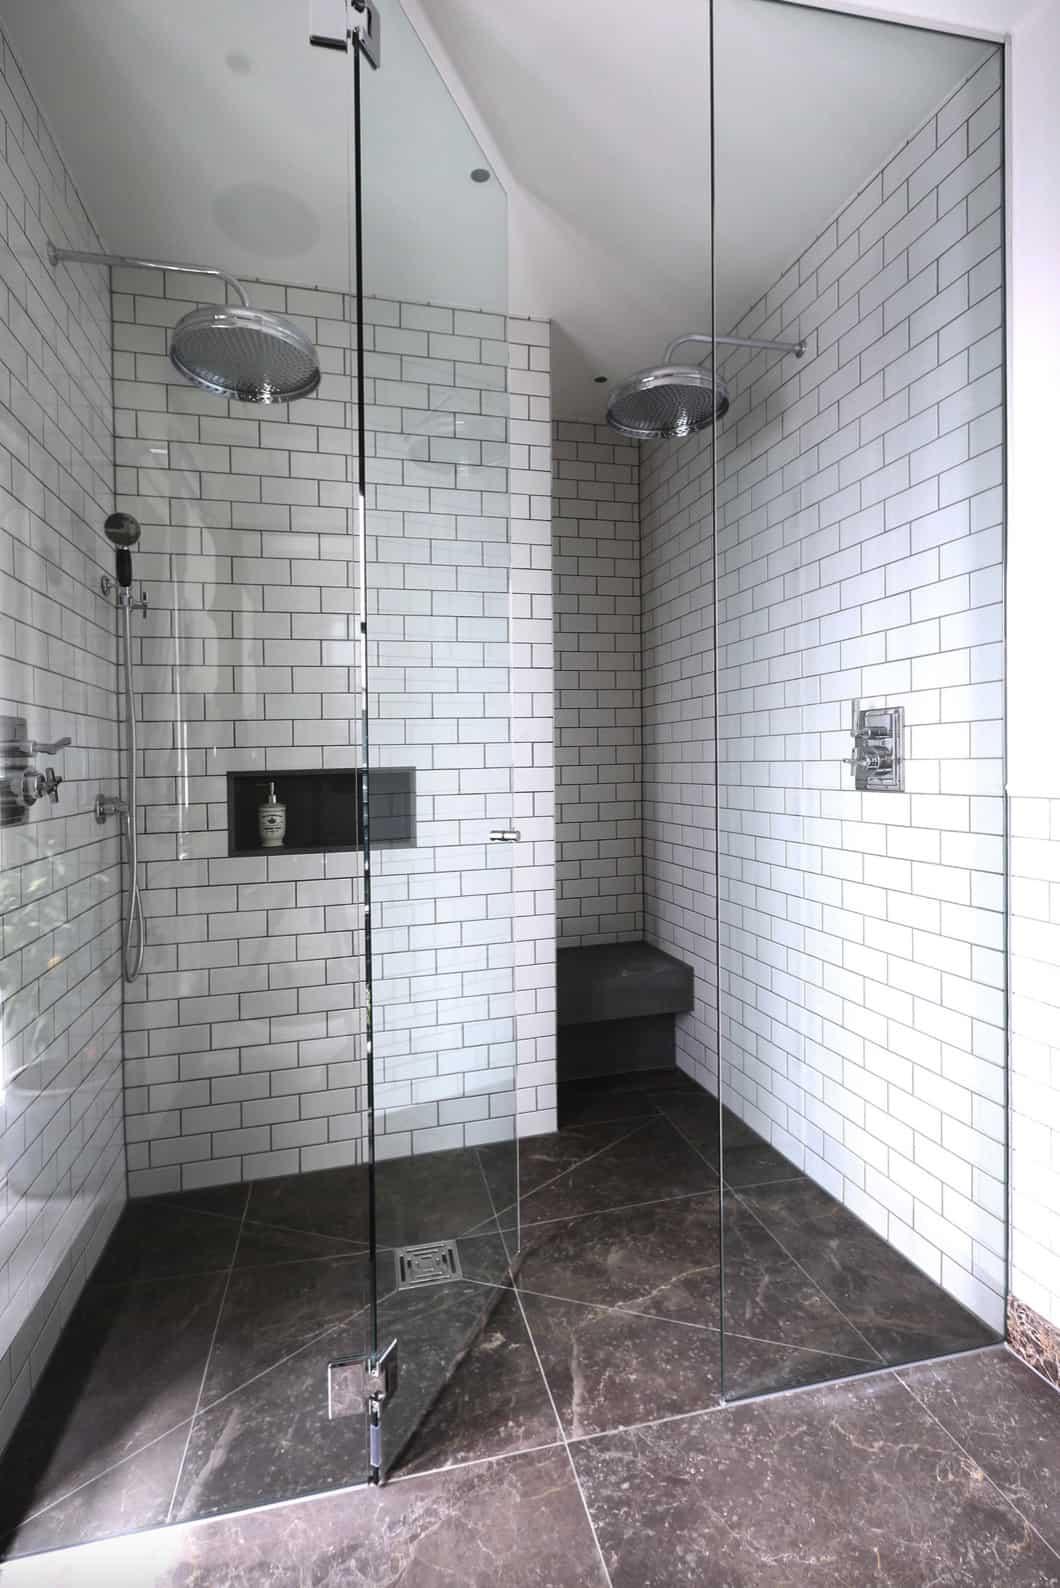 subway-tile-shower-with-glass-door